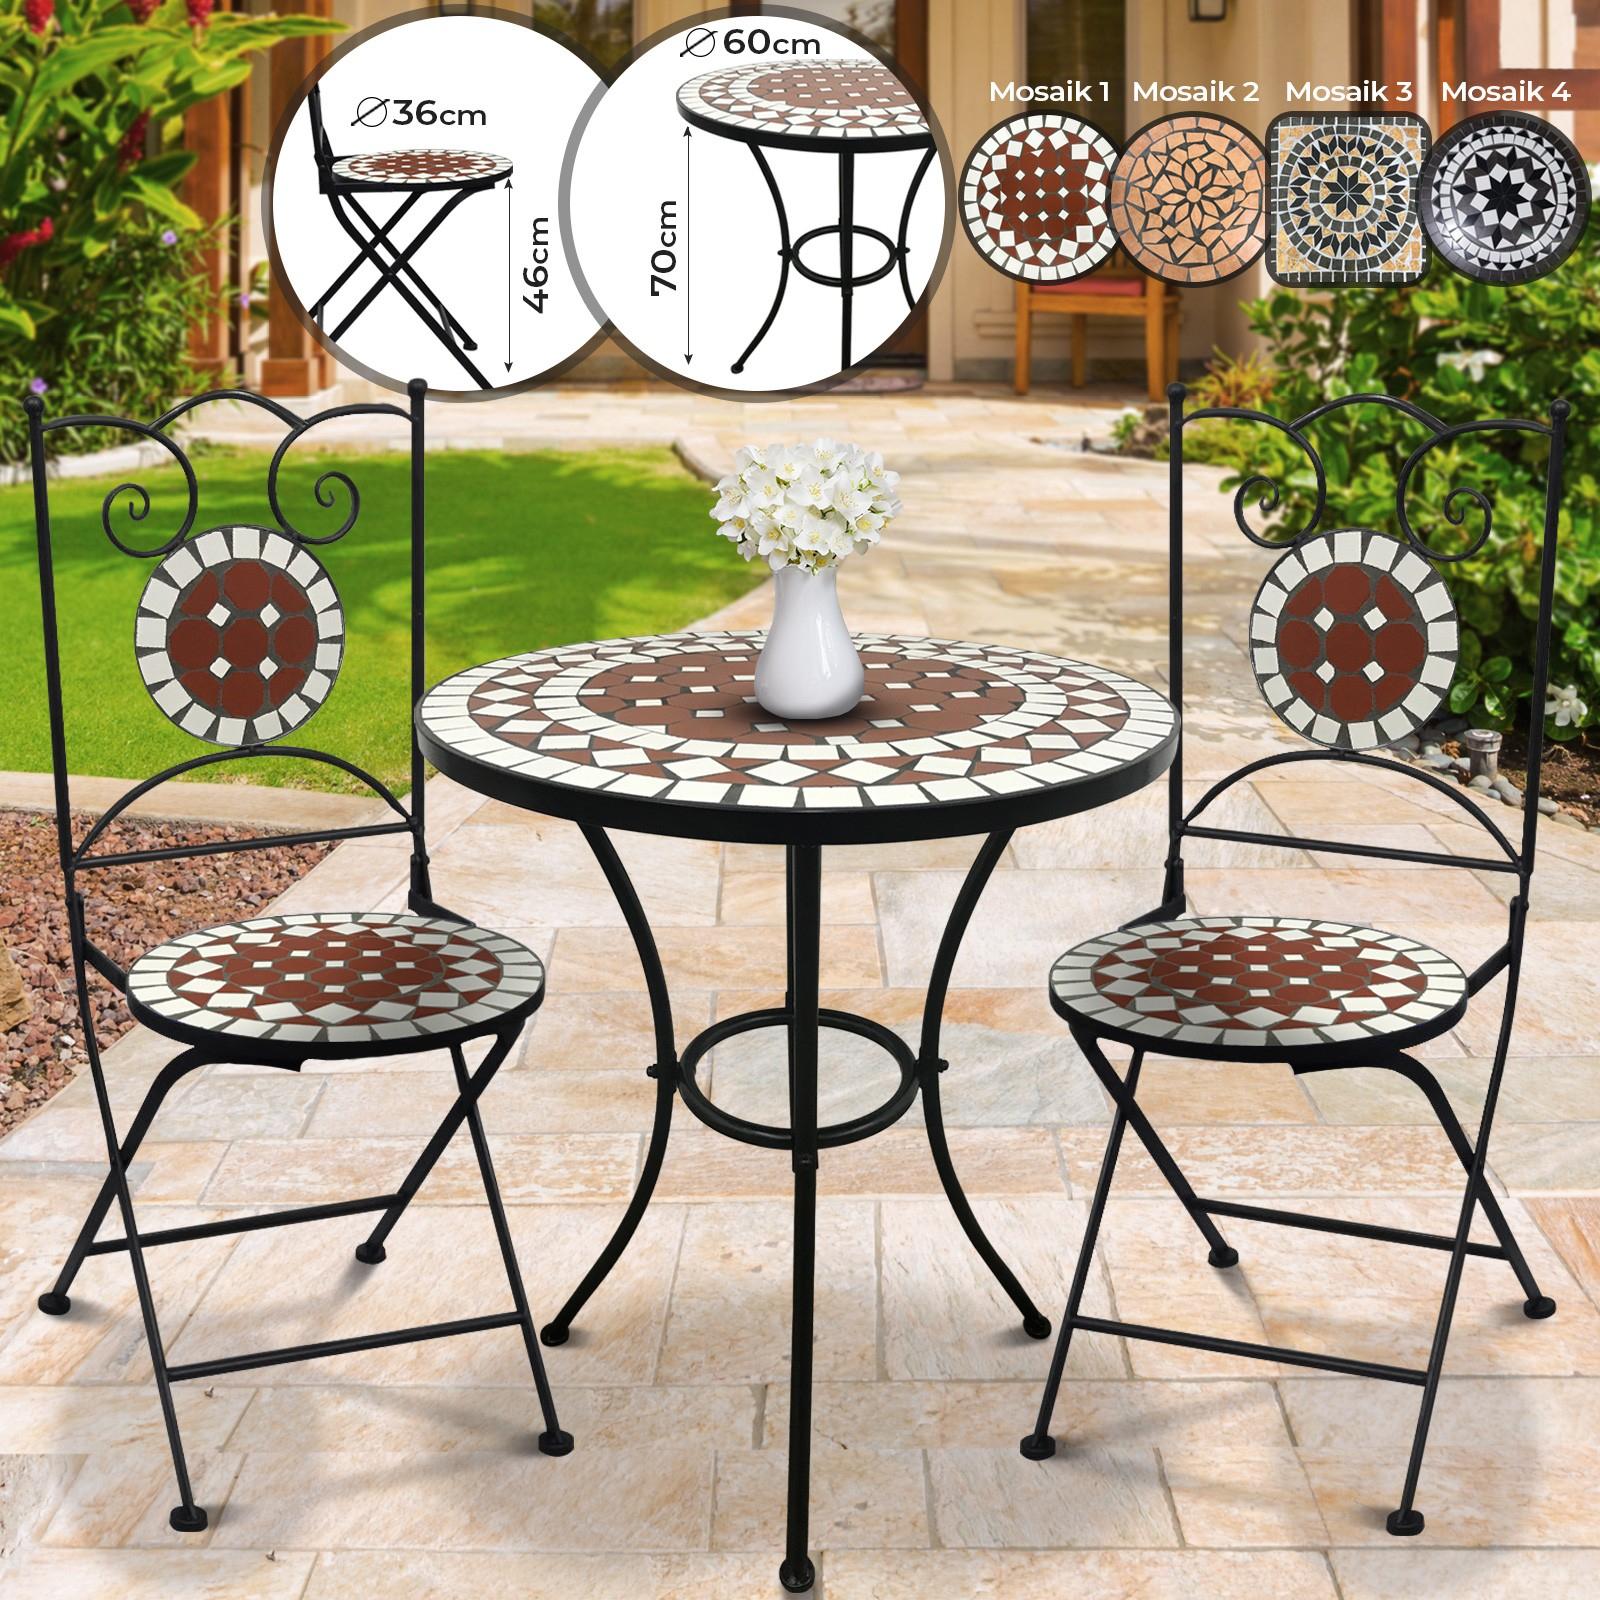 Détails Sur Set De Table De Jardin Et 2 Chaises Mosaïque Mobilier  Rond/carré Modèle Au Choix encequiconcerne Table De Jardin En Mosaique